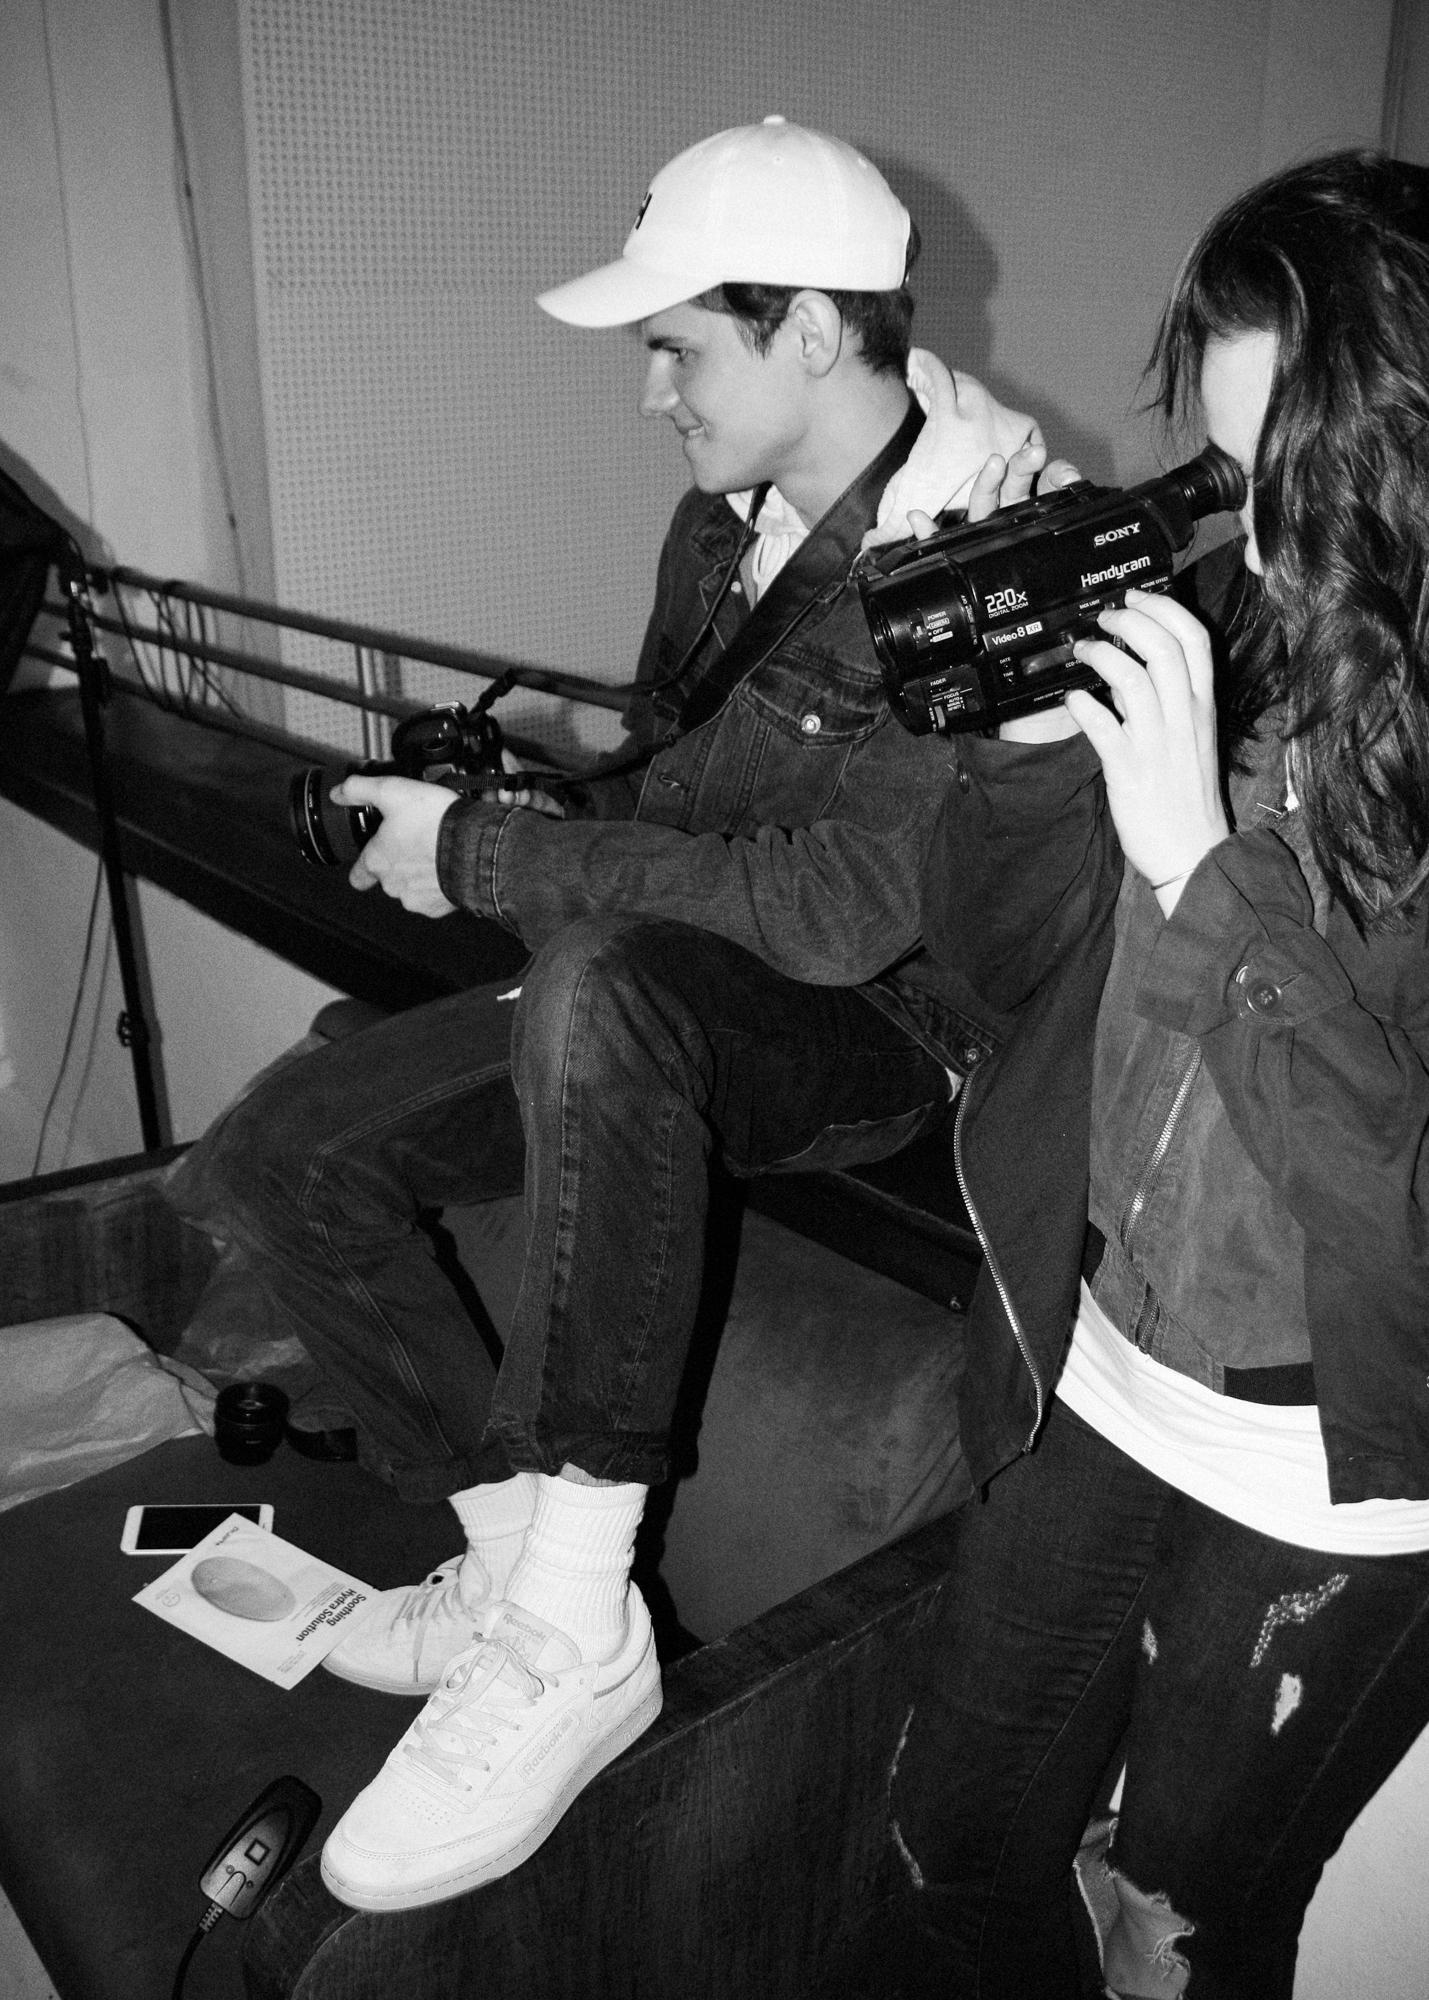 Czarnobiałe zdjęcie mężczyzny siedzącego na podłodze i kobiety trzymającej kamerę